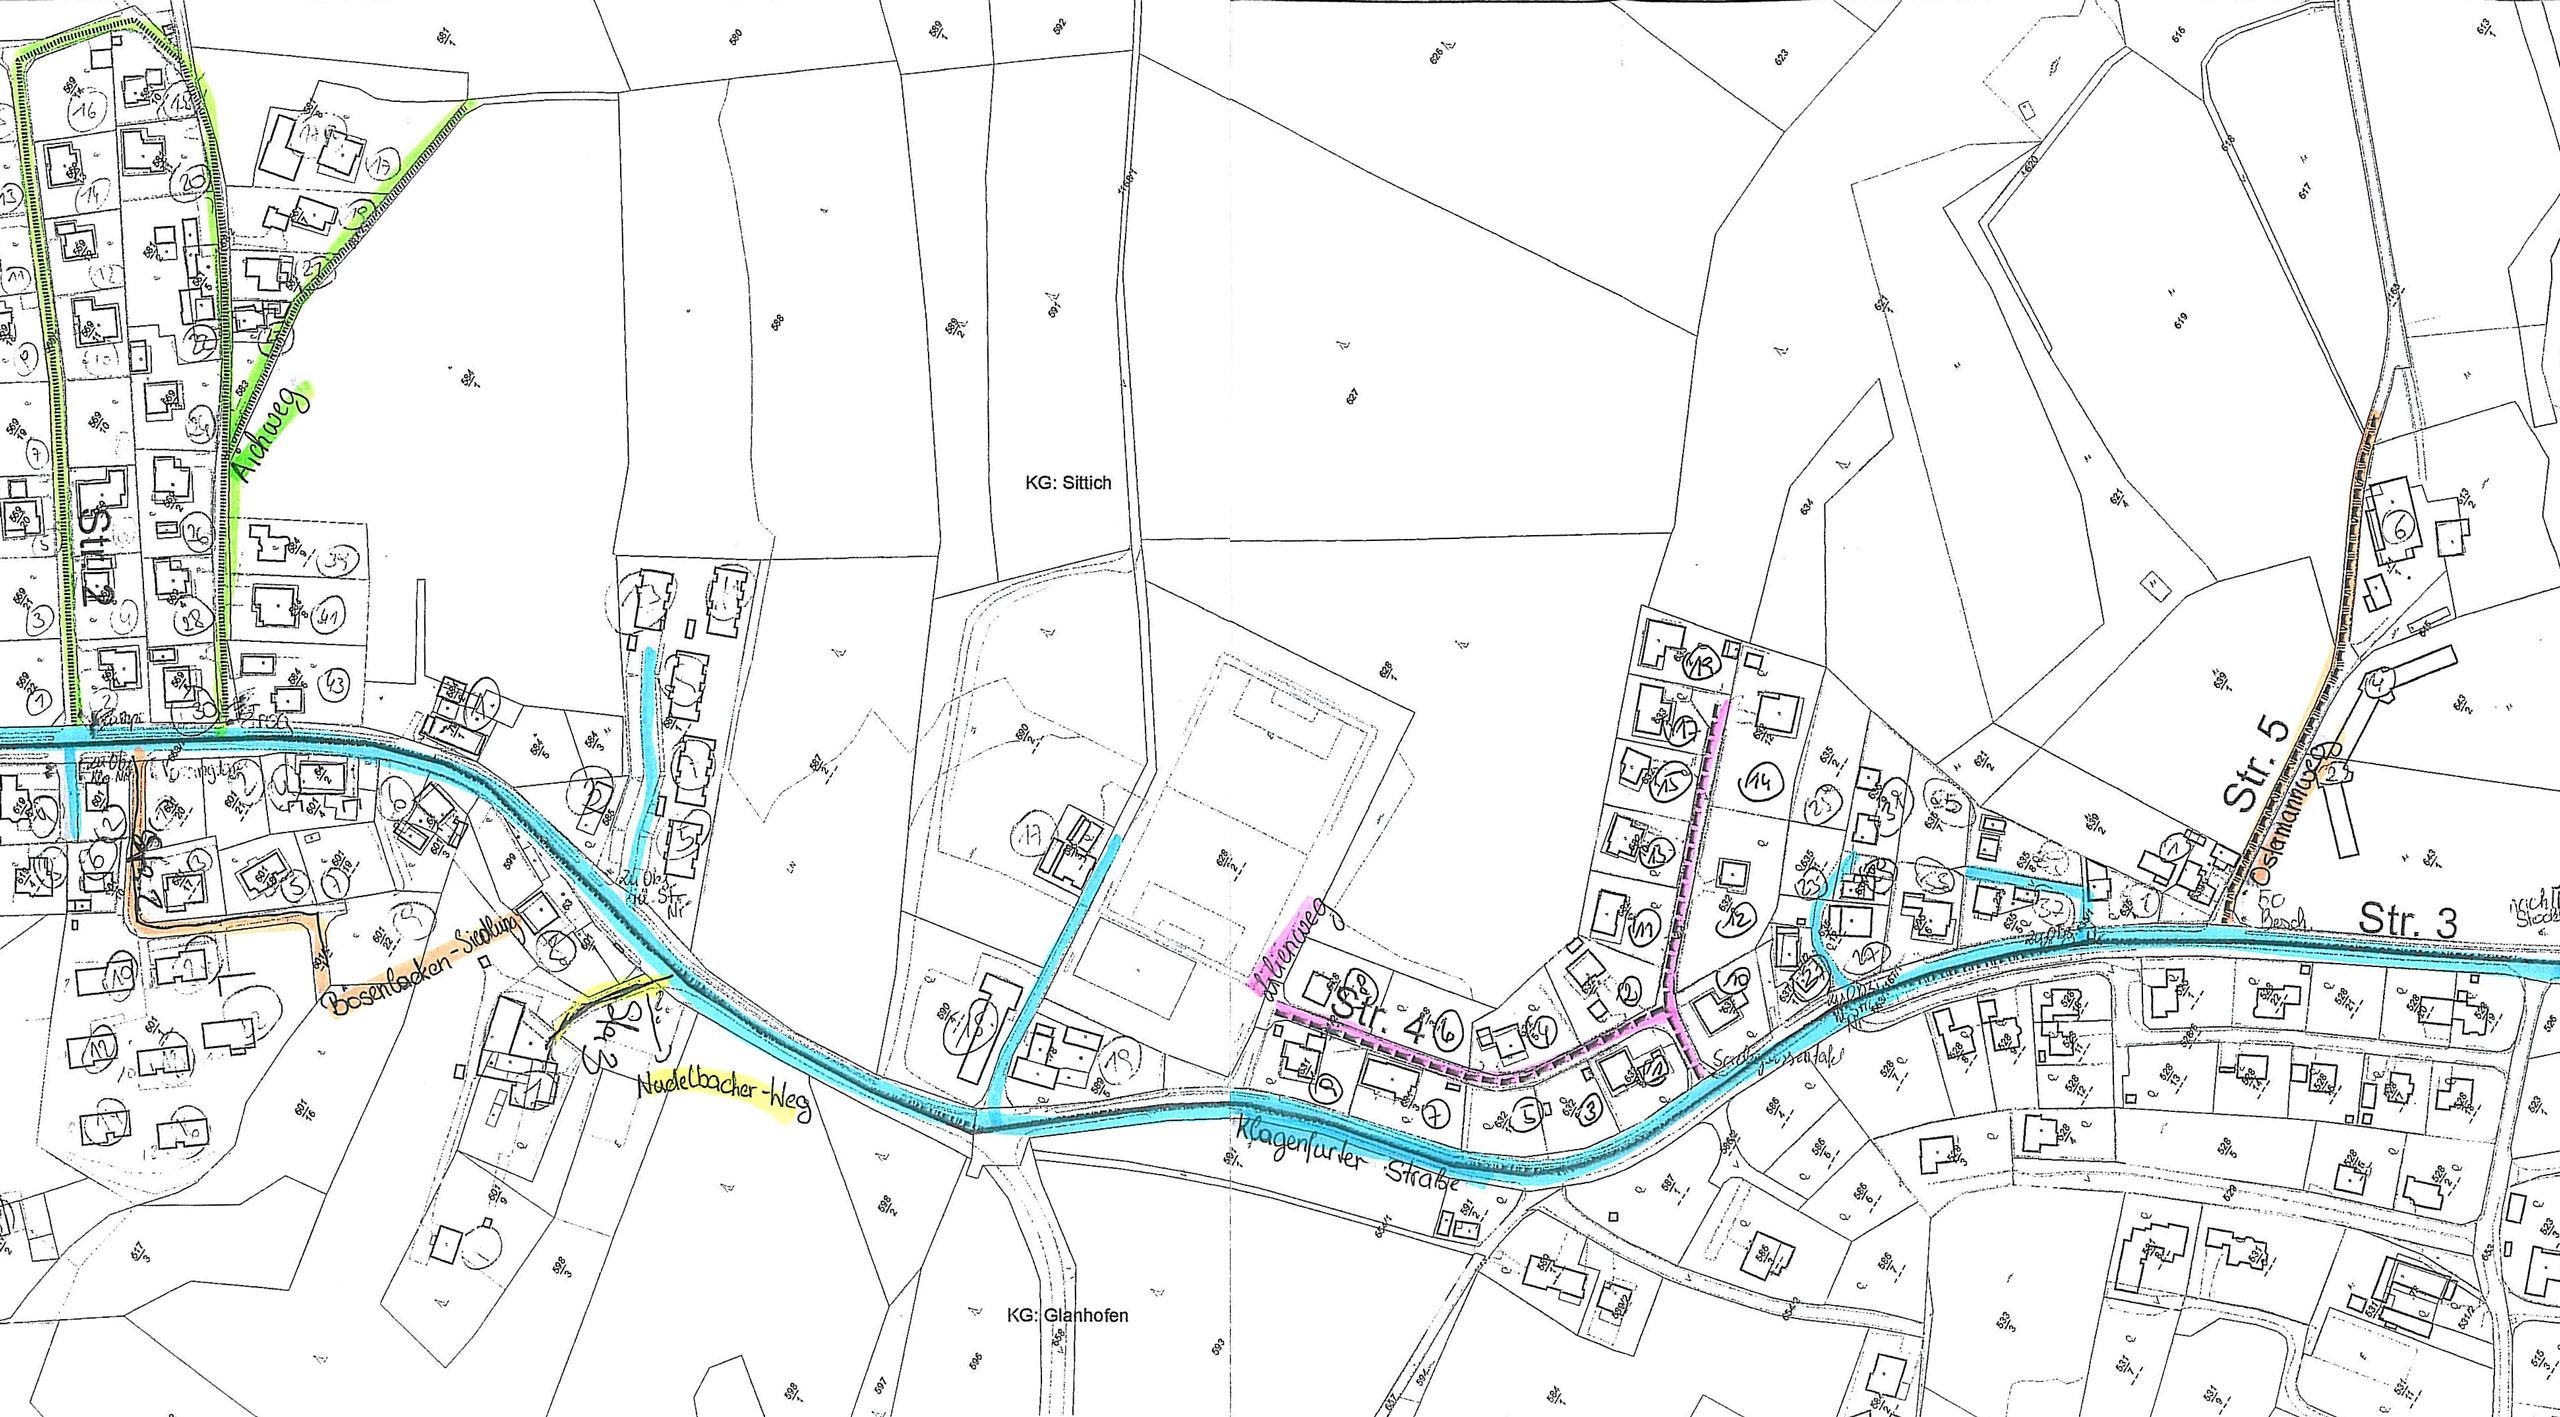 Lageplan zum Verlauf der einzelnen Straßen